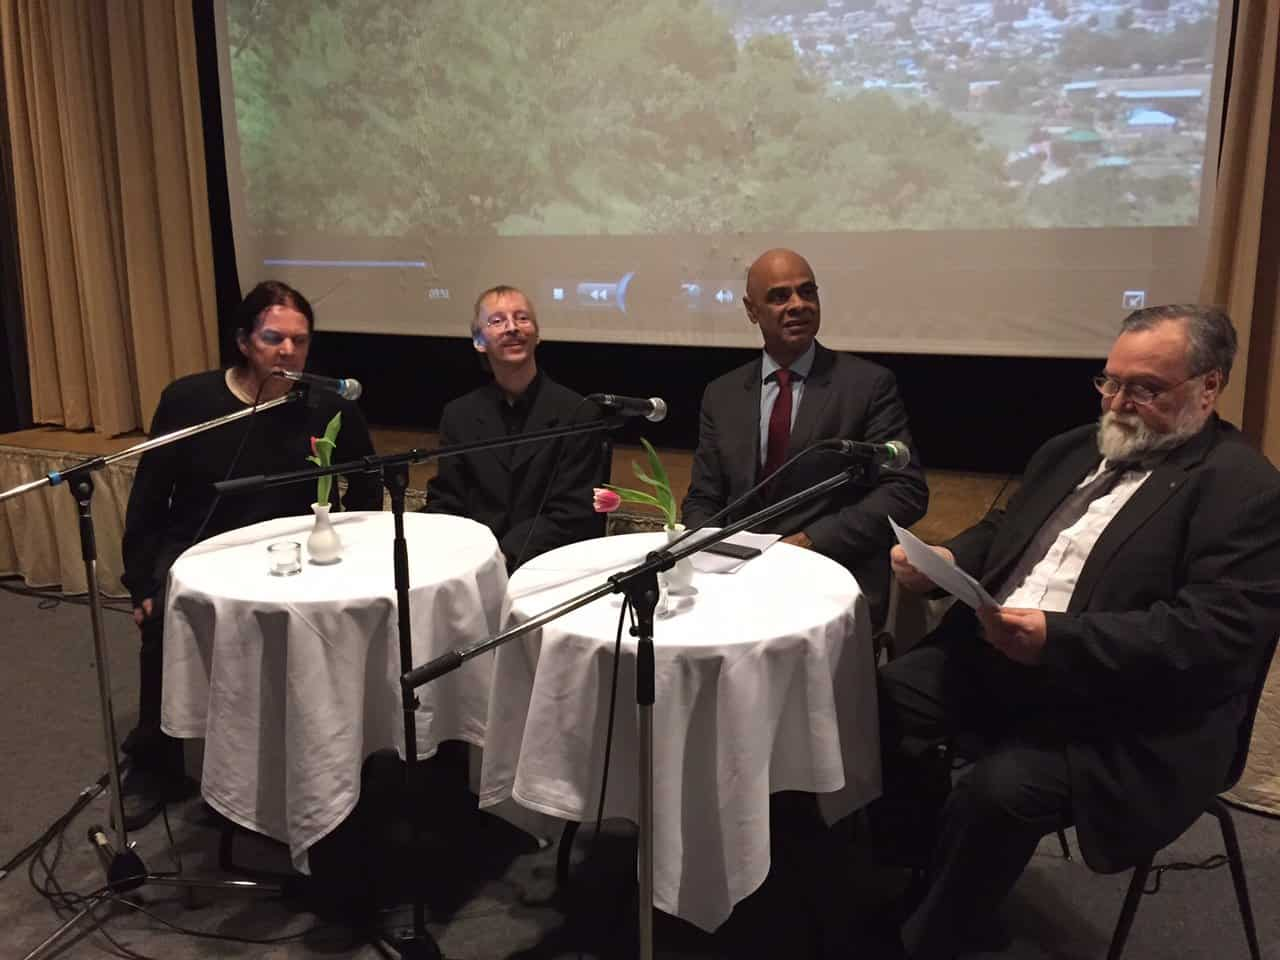 Jeremy de Luca, Mike Hampe und Charles M. Huber (v.l.n.r.) beantworten Fragen zum Südsudan